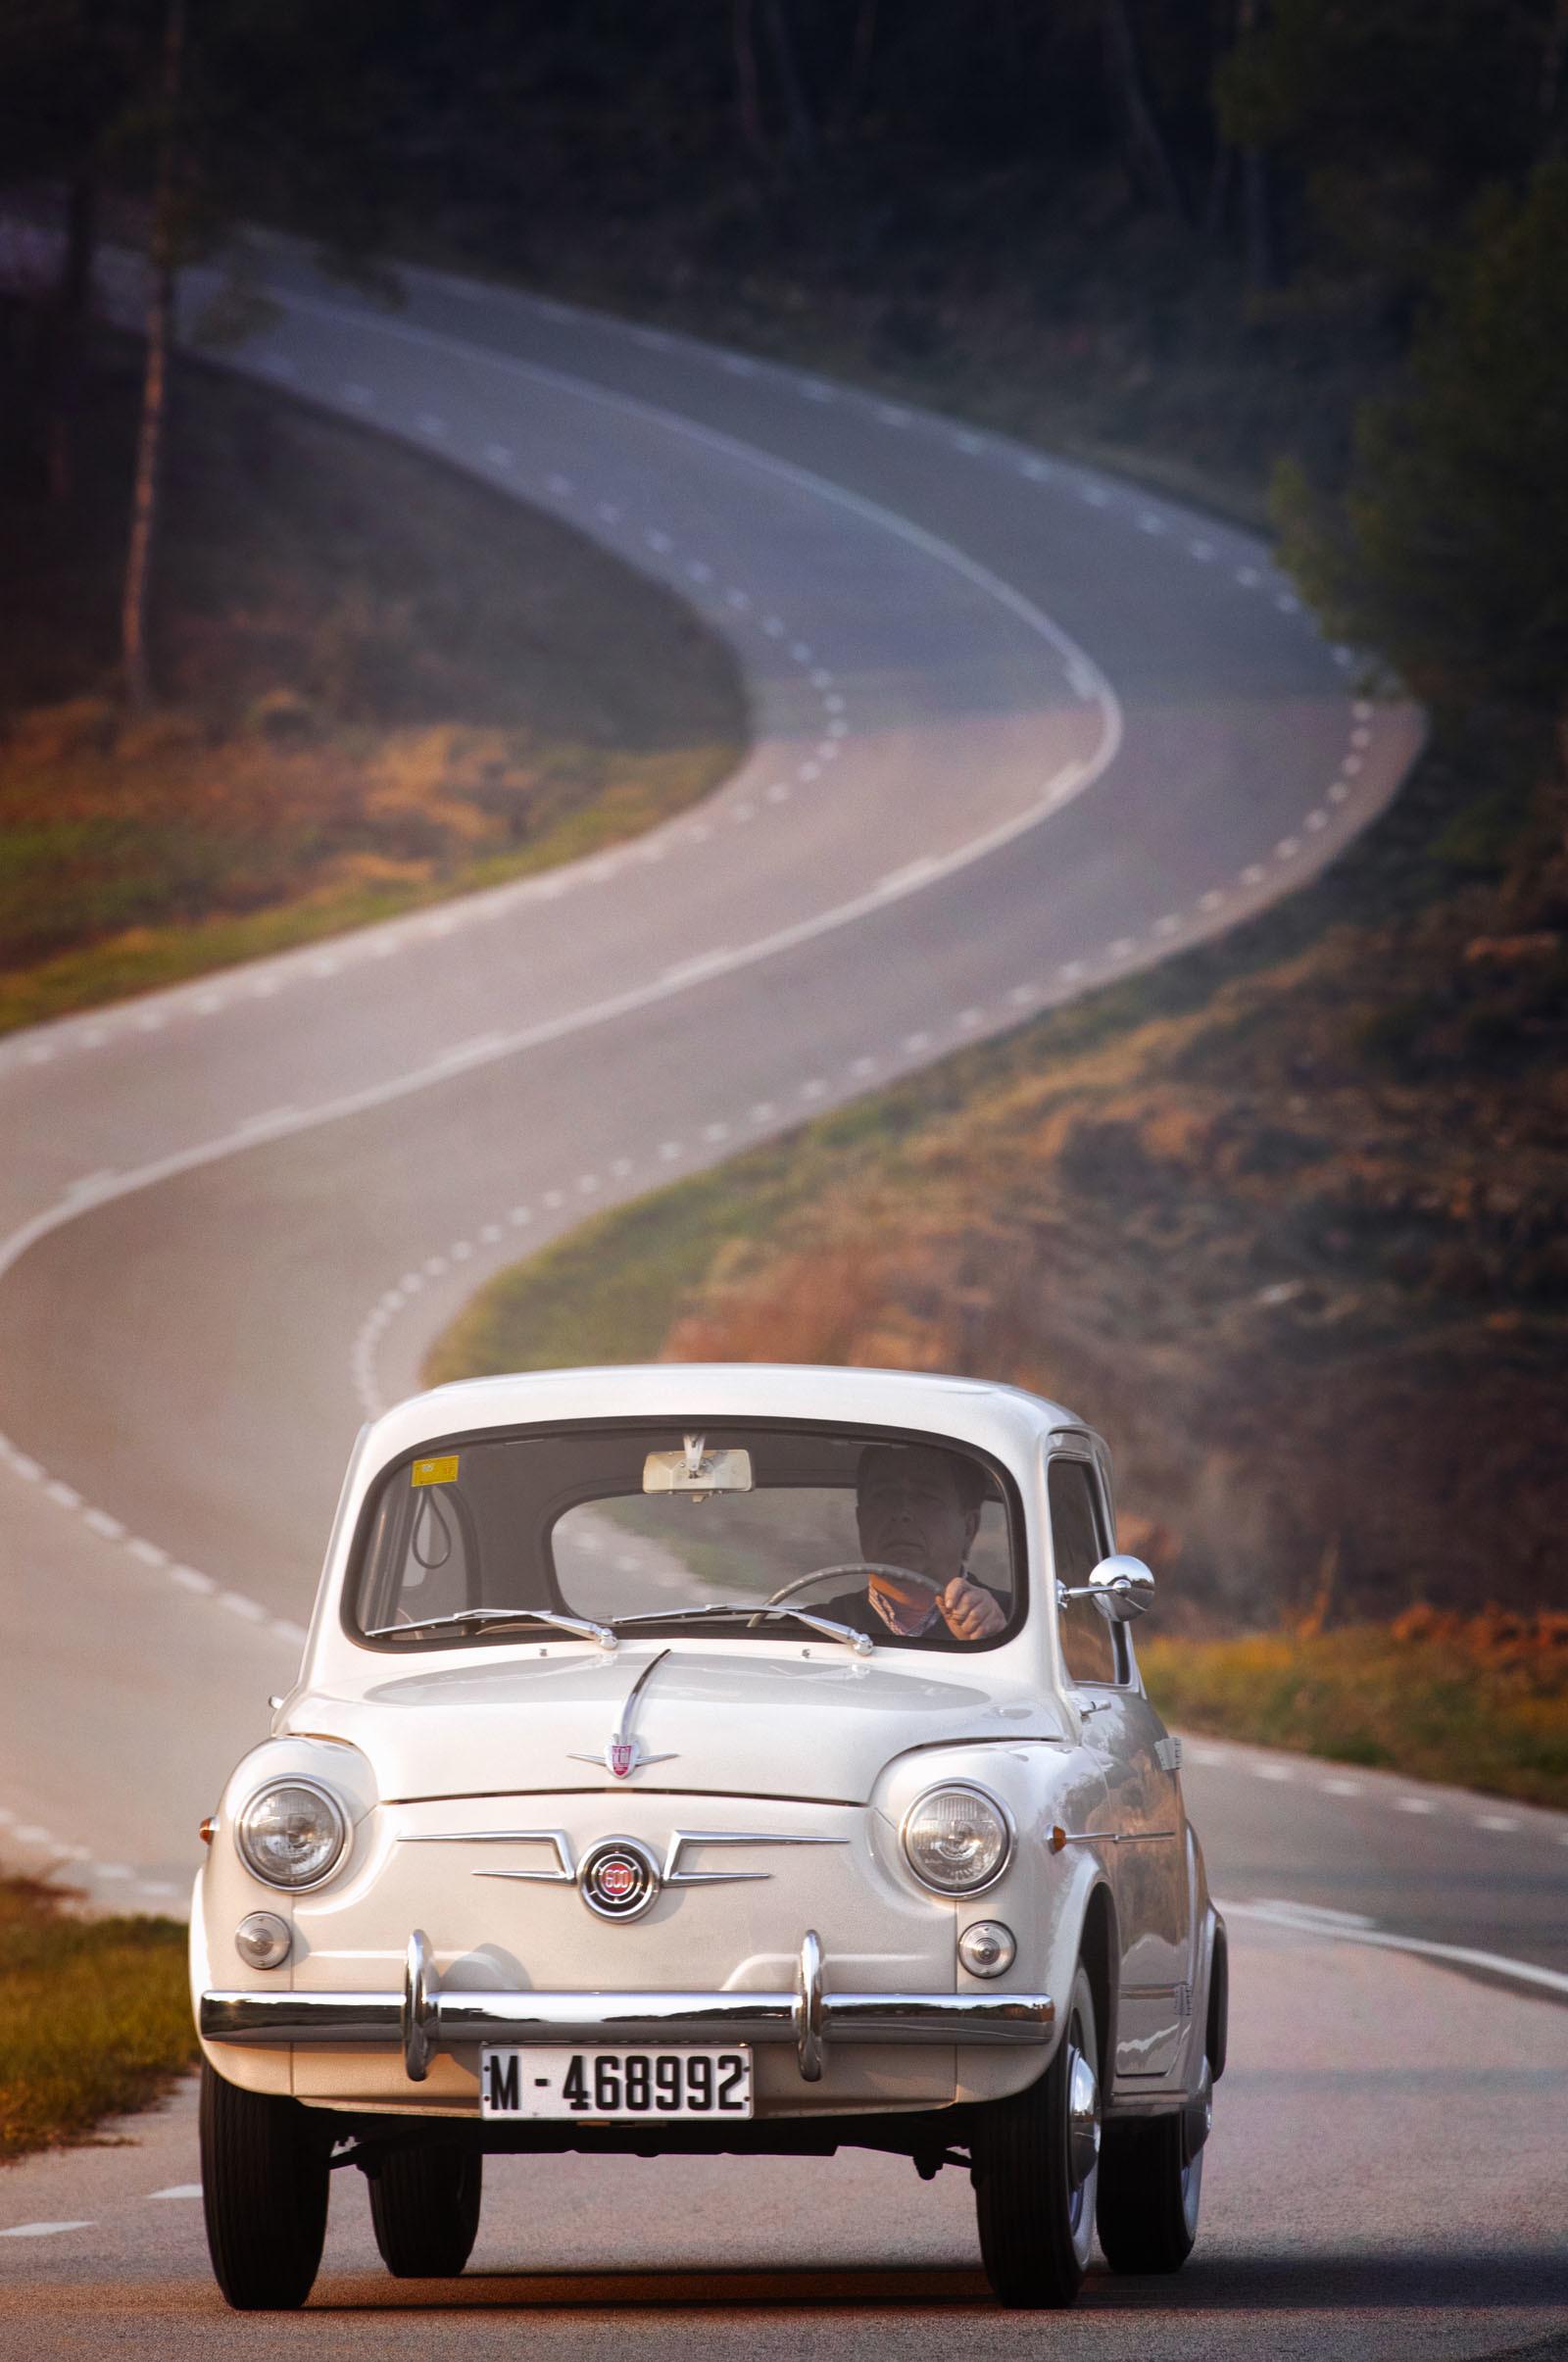 Foto de SEAT 600 (50 Aniversario) (29/64)